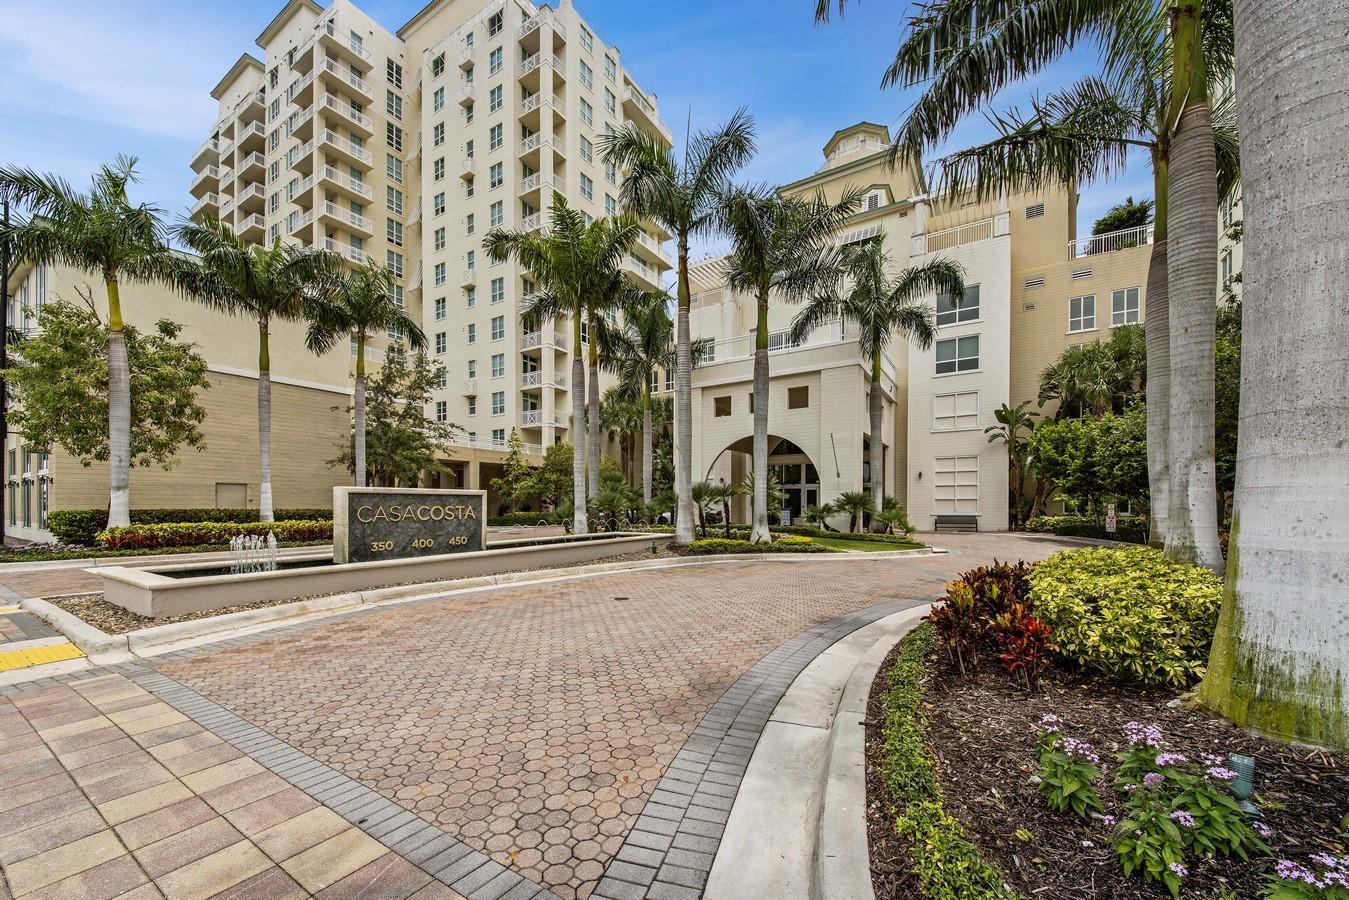 350 Federal Highway, Boynton Beach, Florida 33435, 2 Bedrooms Bedrooms, ,2 BathroomsBathrooms,Condo/Coop,For Sale,Casa Costa,Federal,12,RX-10484565